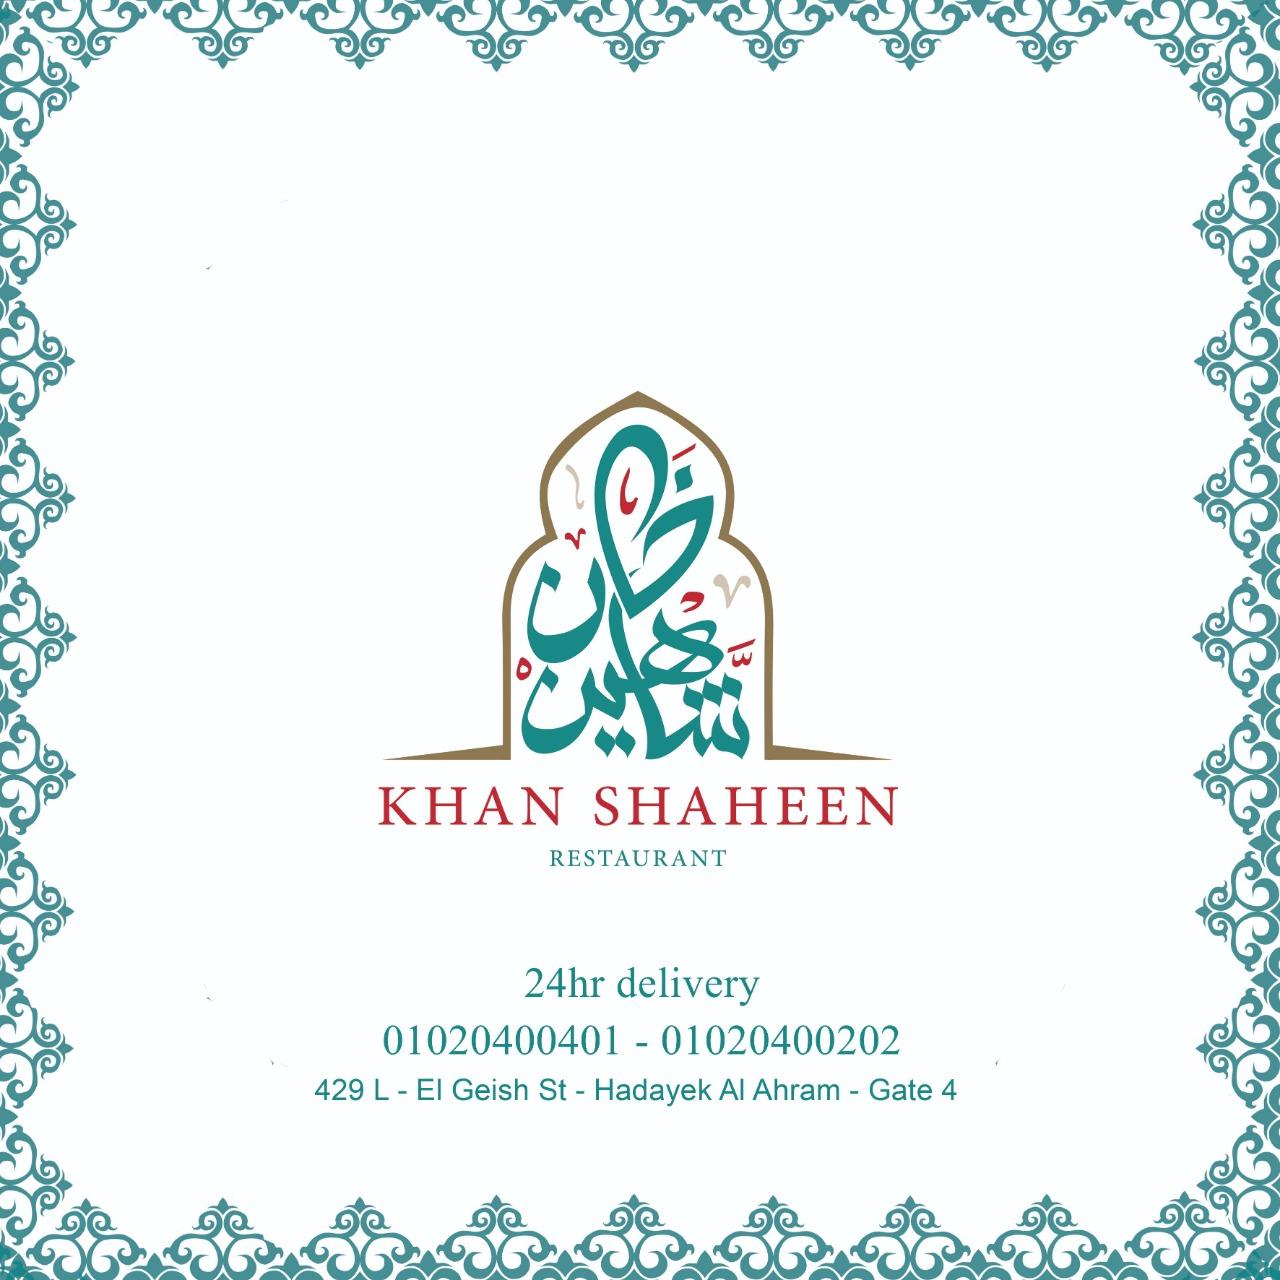 لوجو خان شاهين